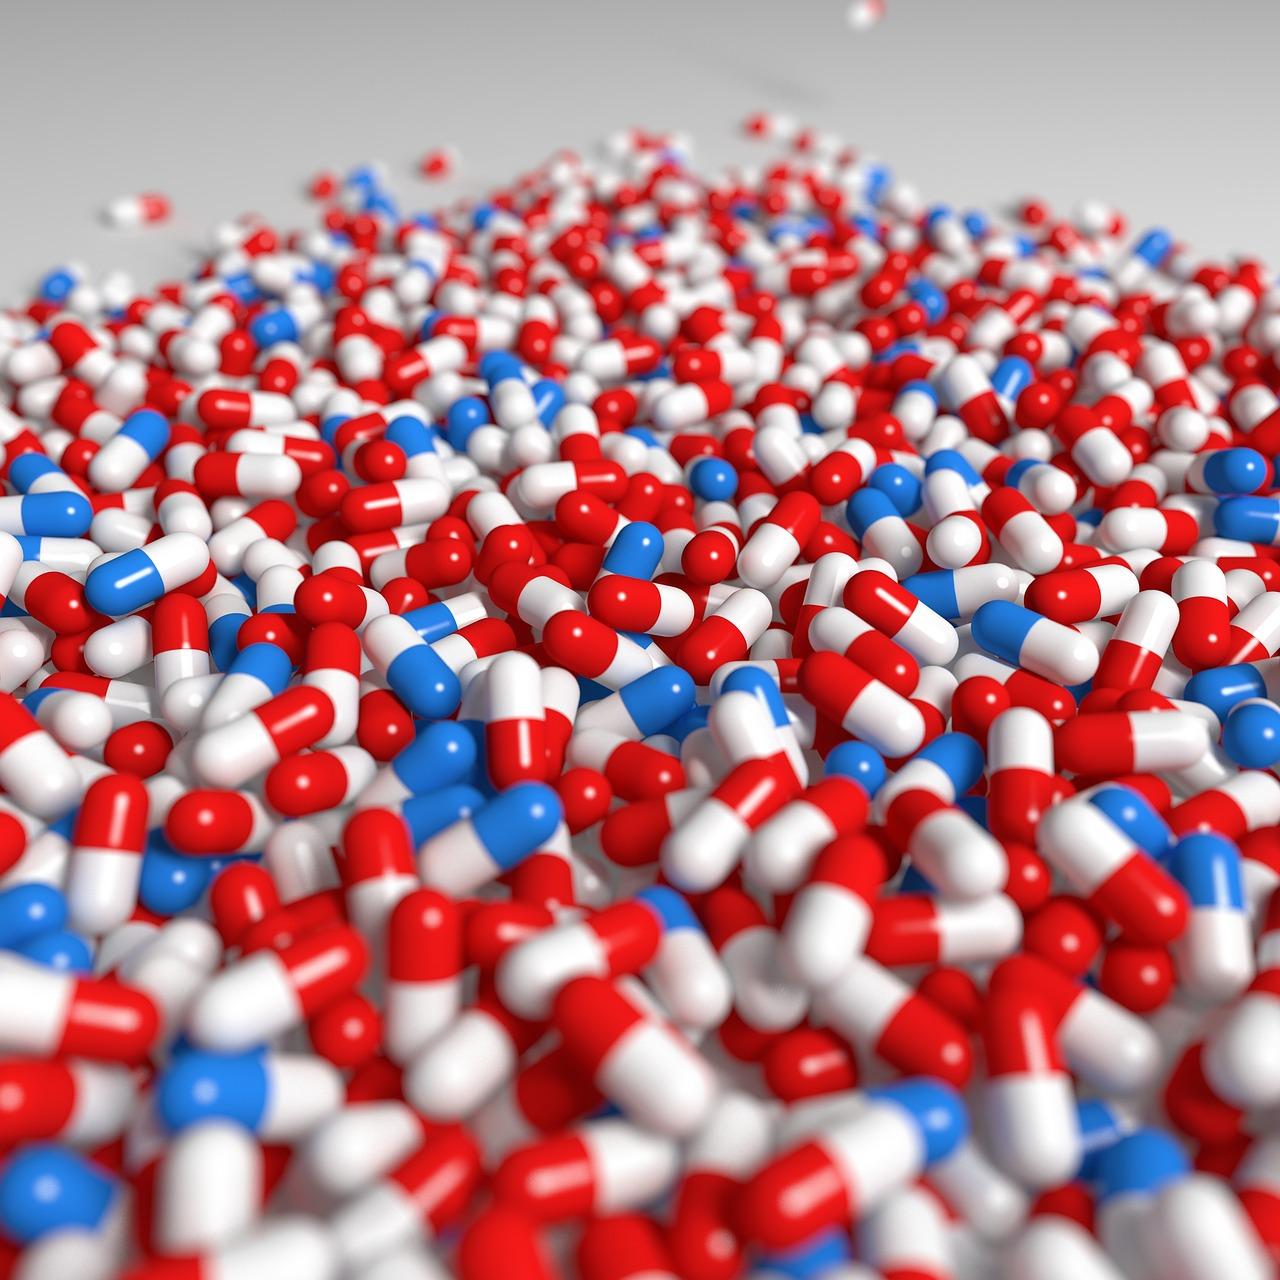 Amazon rivoluziona la sanità: ecco i medicinali low cost senza obbligo di prescrizione medica